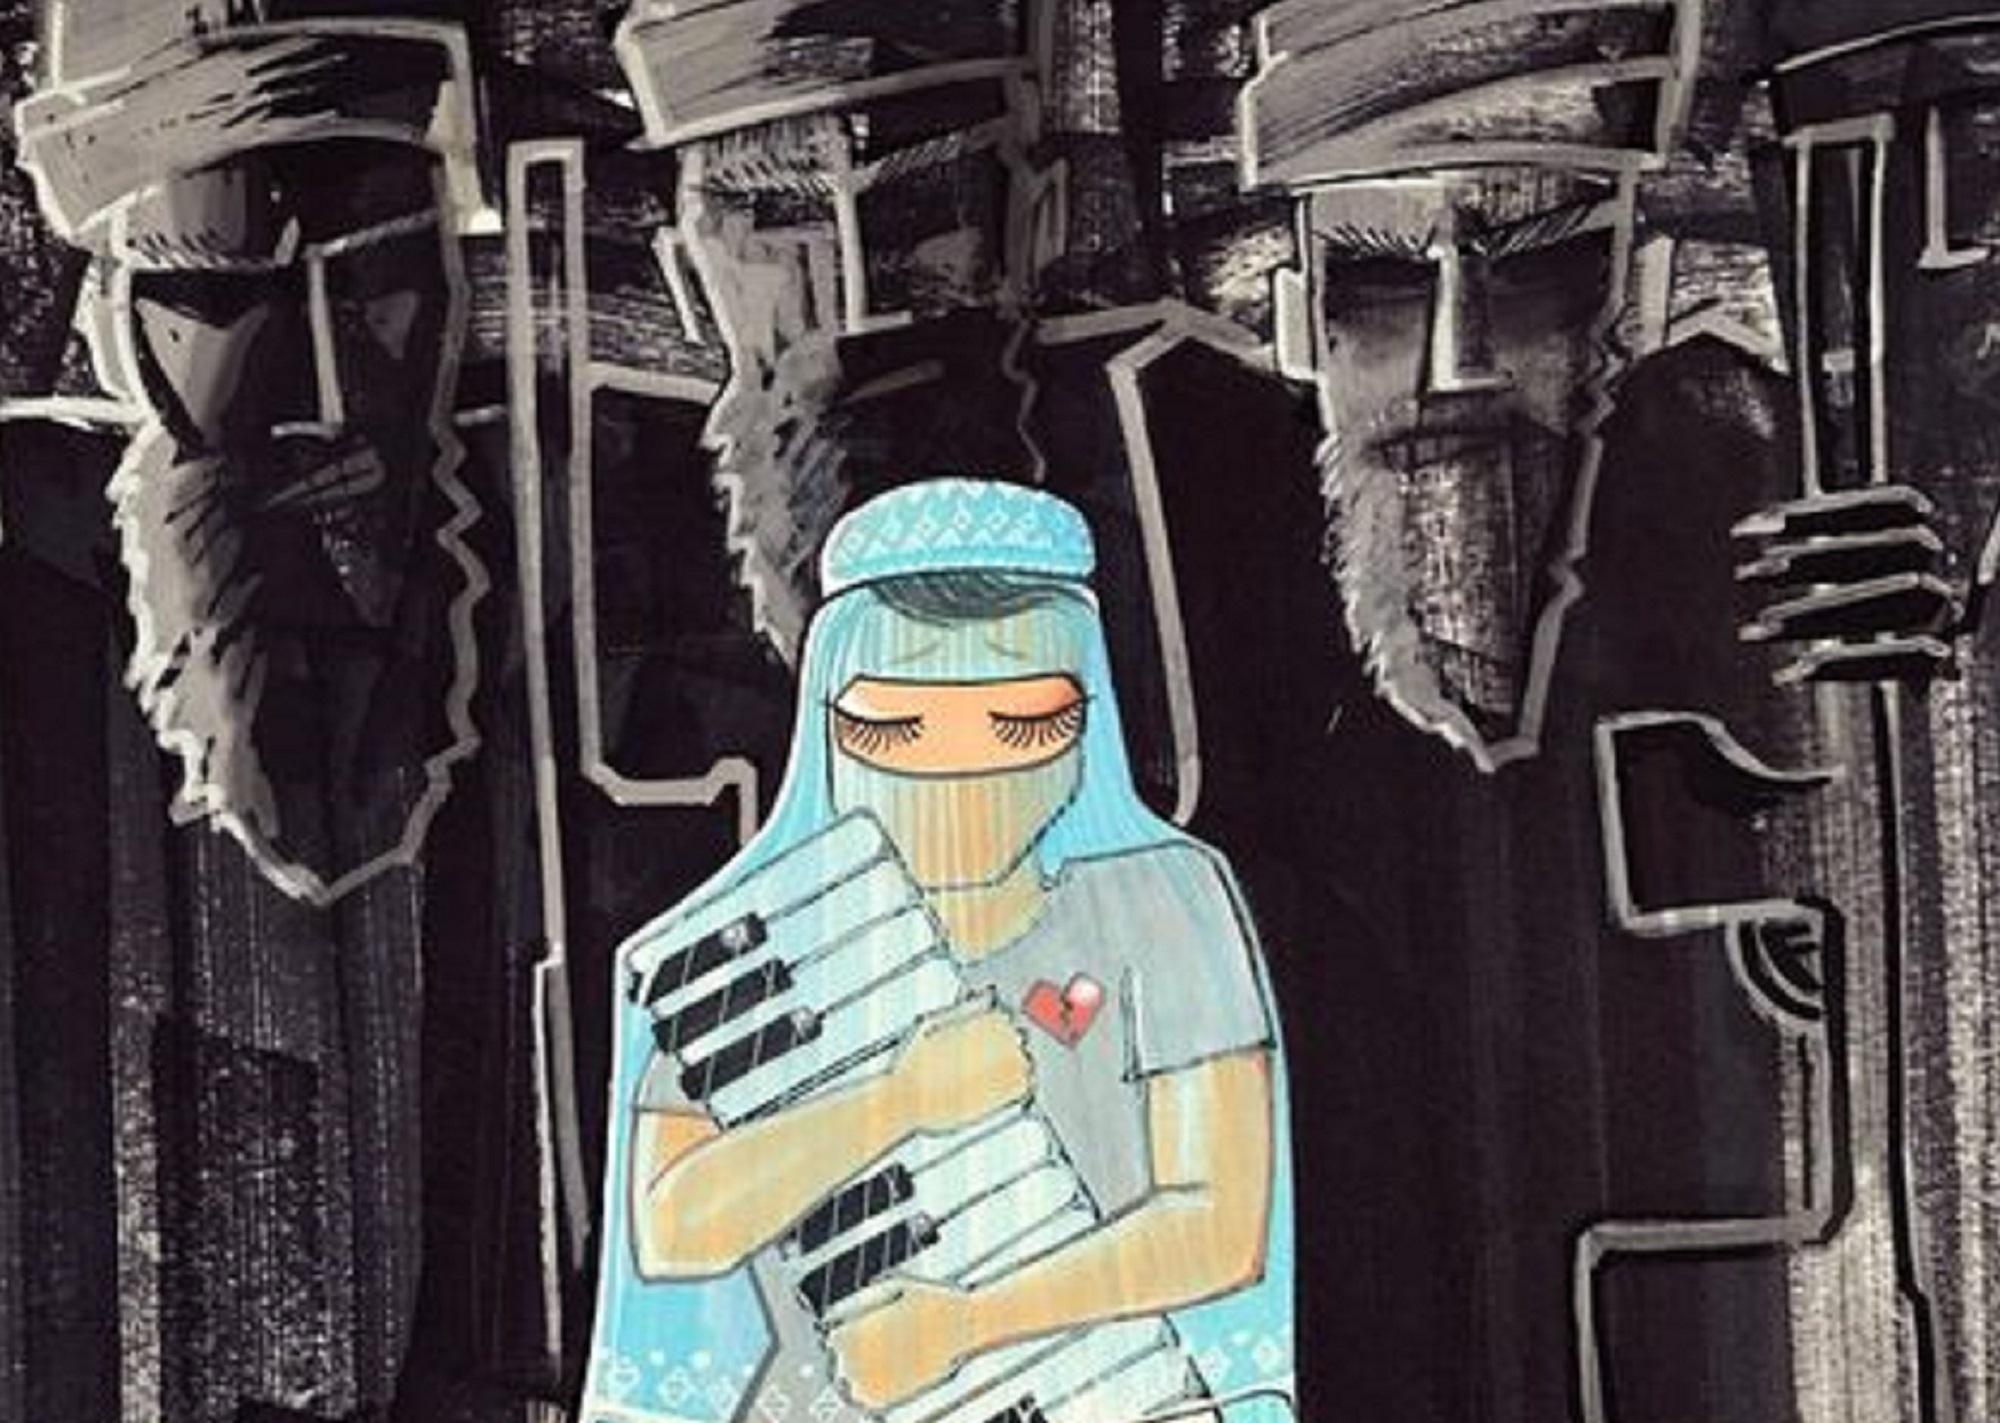 L'arte che resiste. La street artist di Kabul che dà voce alla solitudine delle donne afghane